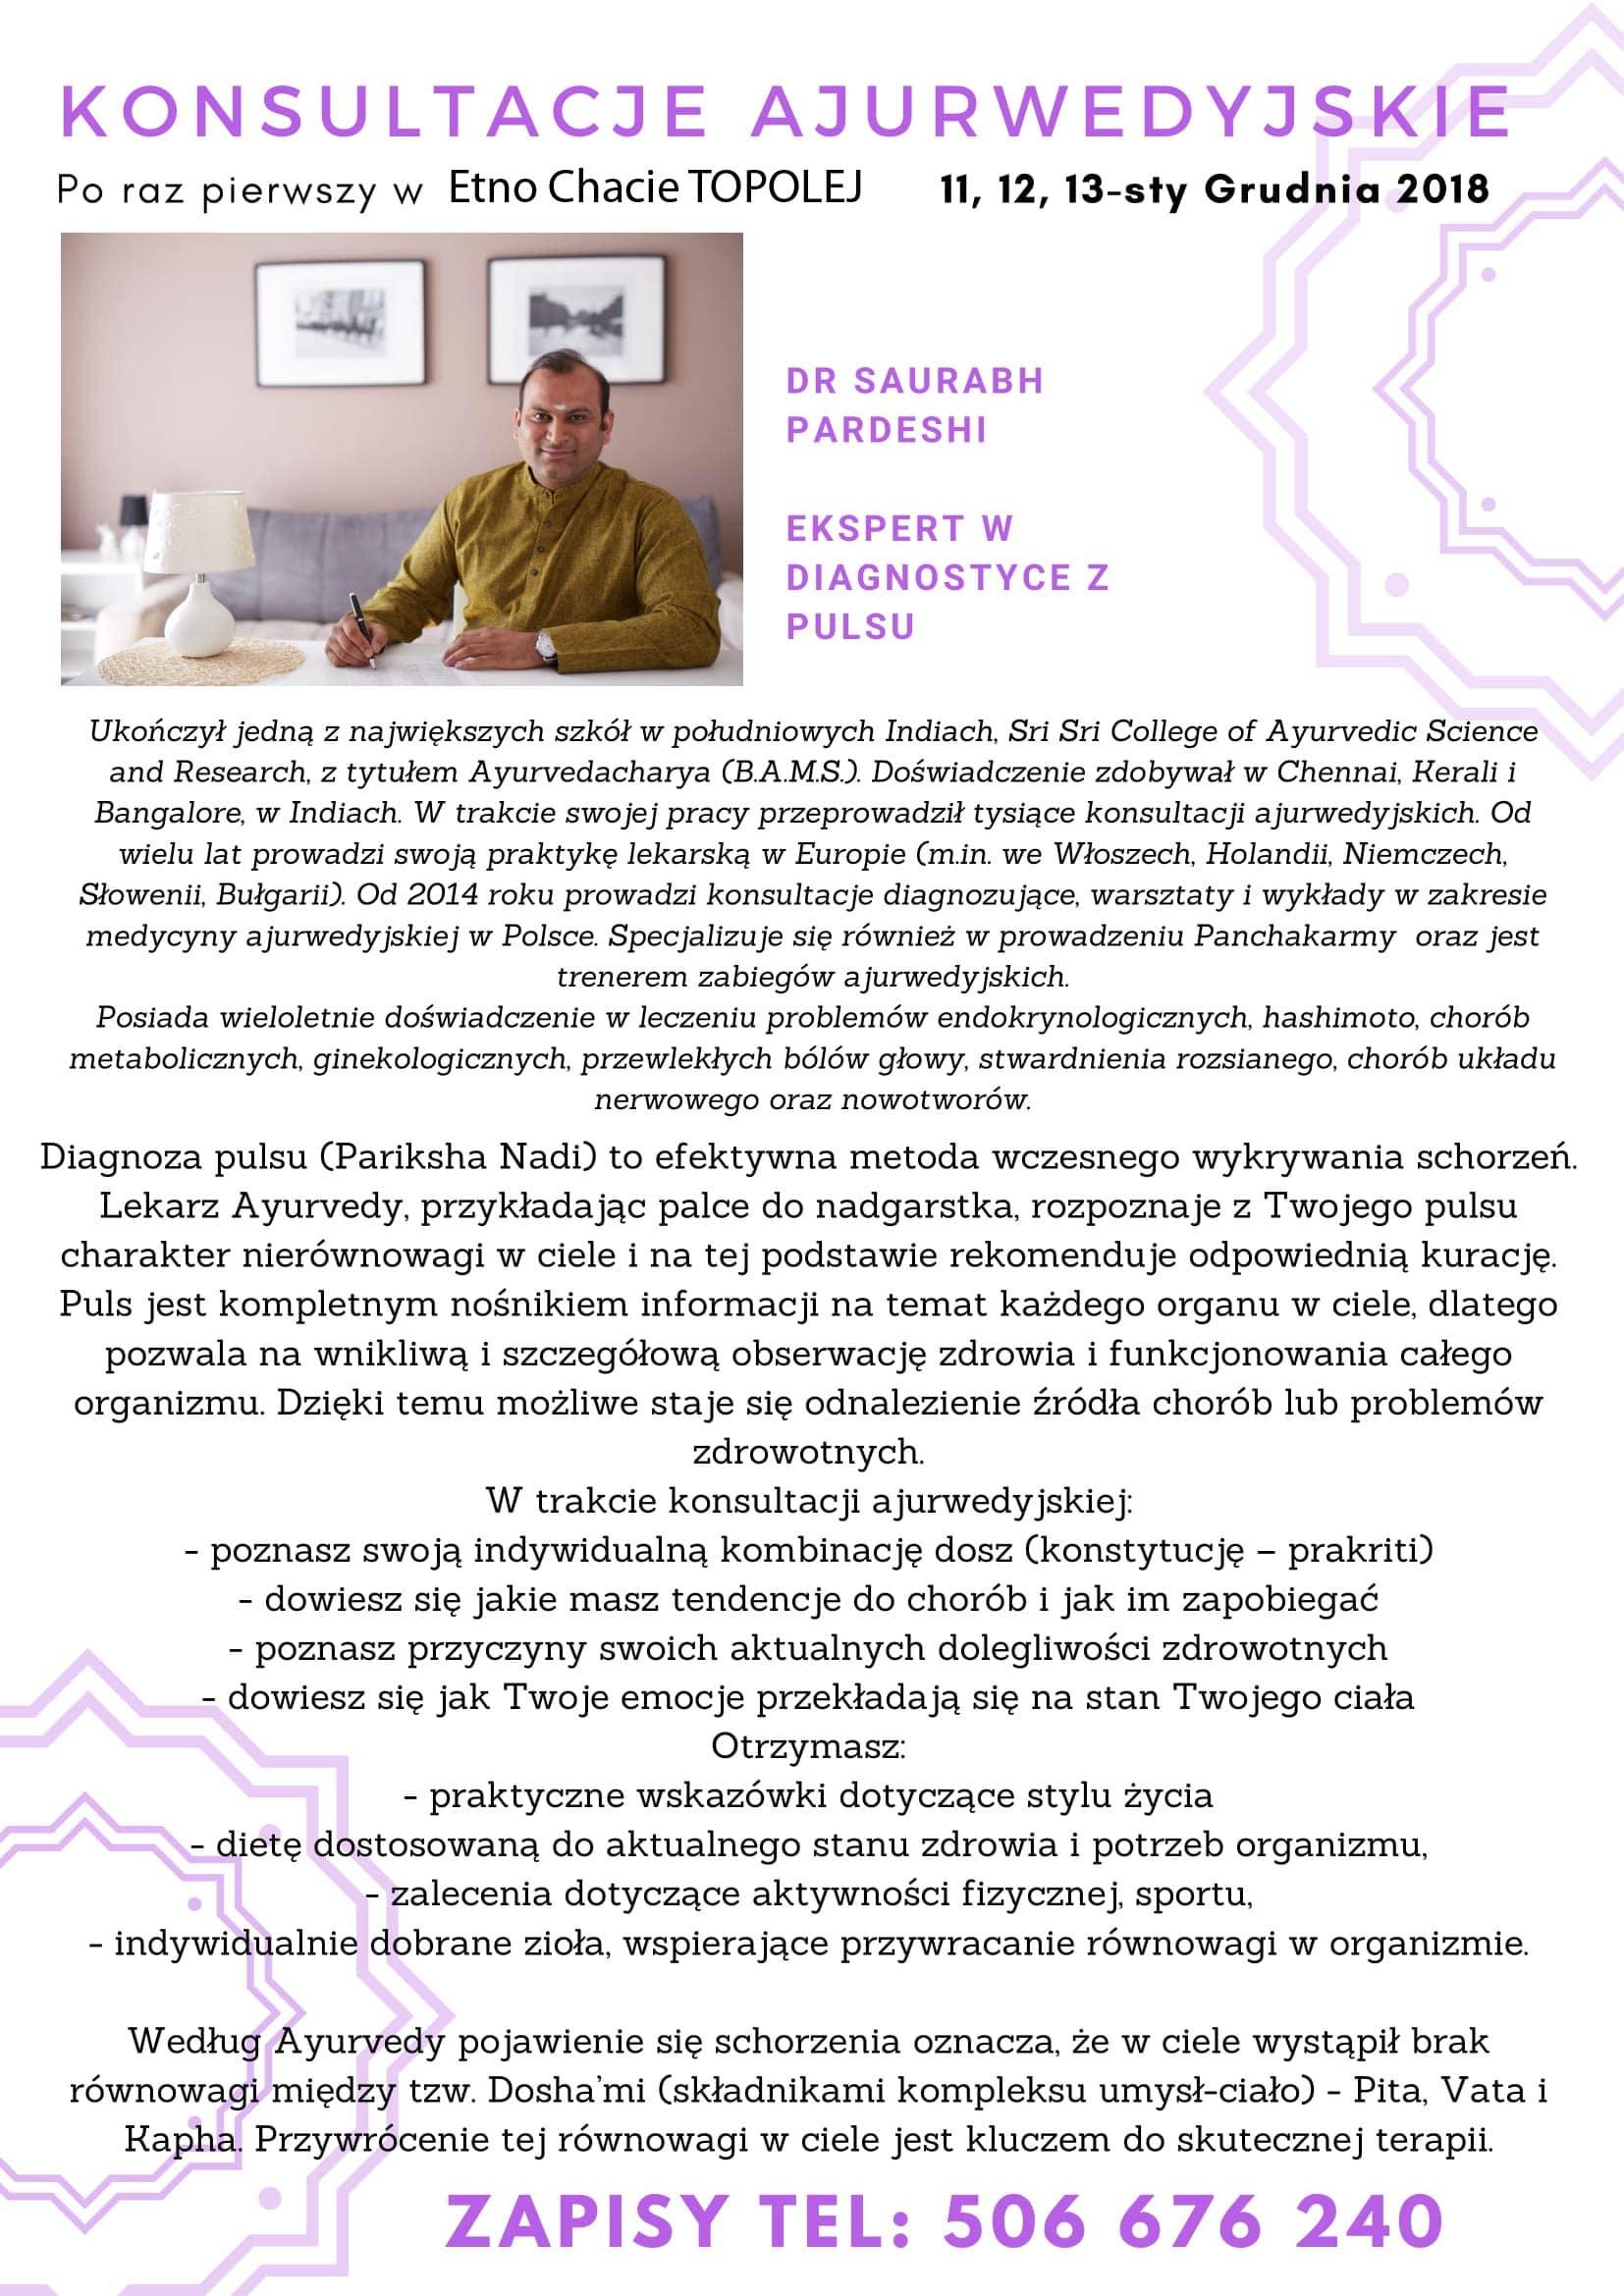 Konsultacje ajurwedyjskie_Etno Chata_grudzień-min